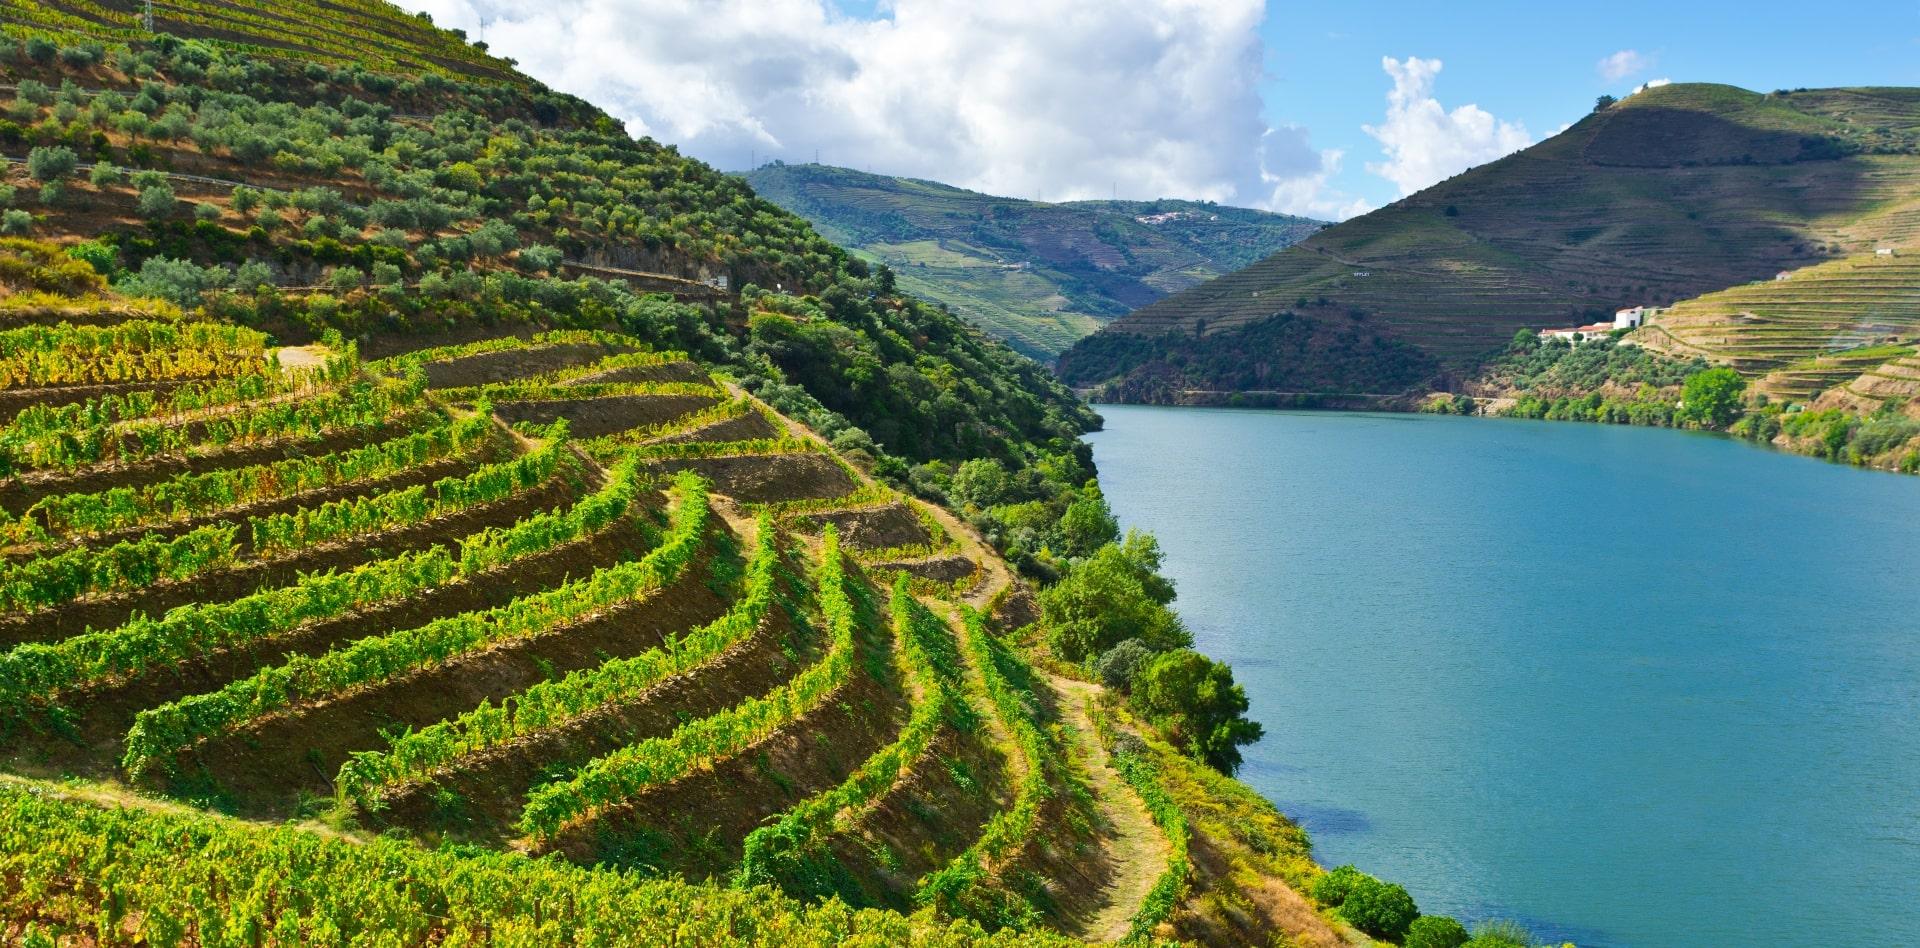 Private tour to Lisbon, Porto & Douro